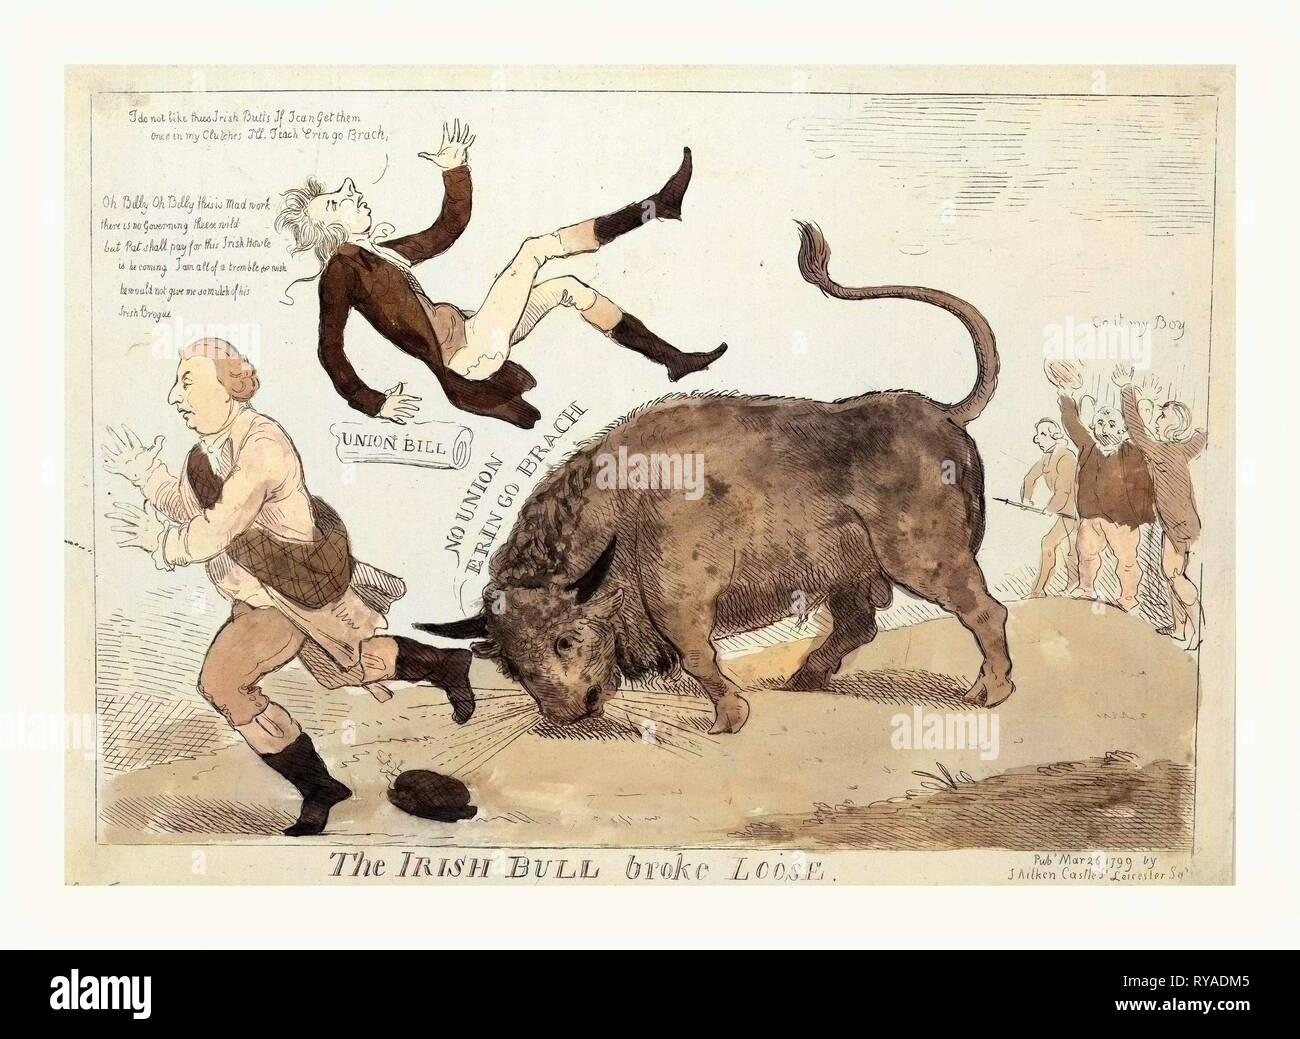 Die irische Bulle brach, Cruikshank, Isaac, 1756?-1811?, Gravur 1799, die Irische Bull werfen William Pitt in die Luft und über das Gleiche zu tun, Herr Dundas, läuft nach Links, ganz rechts, die Pitt's Union Bill jubeln auf dem Stier entgegen, Gehen, mein Junge Stockfoto